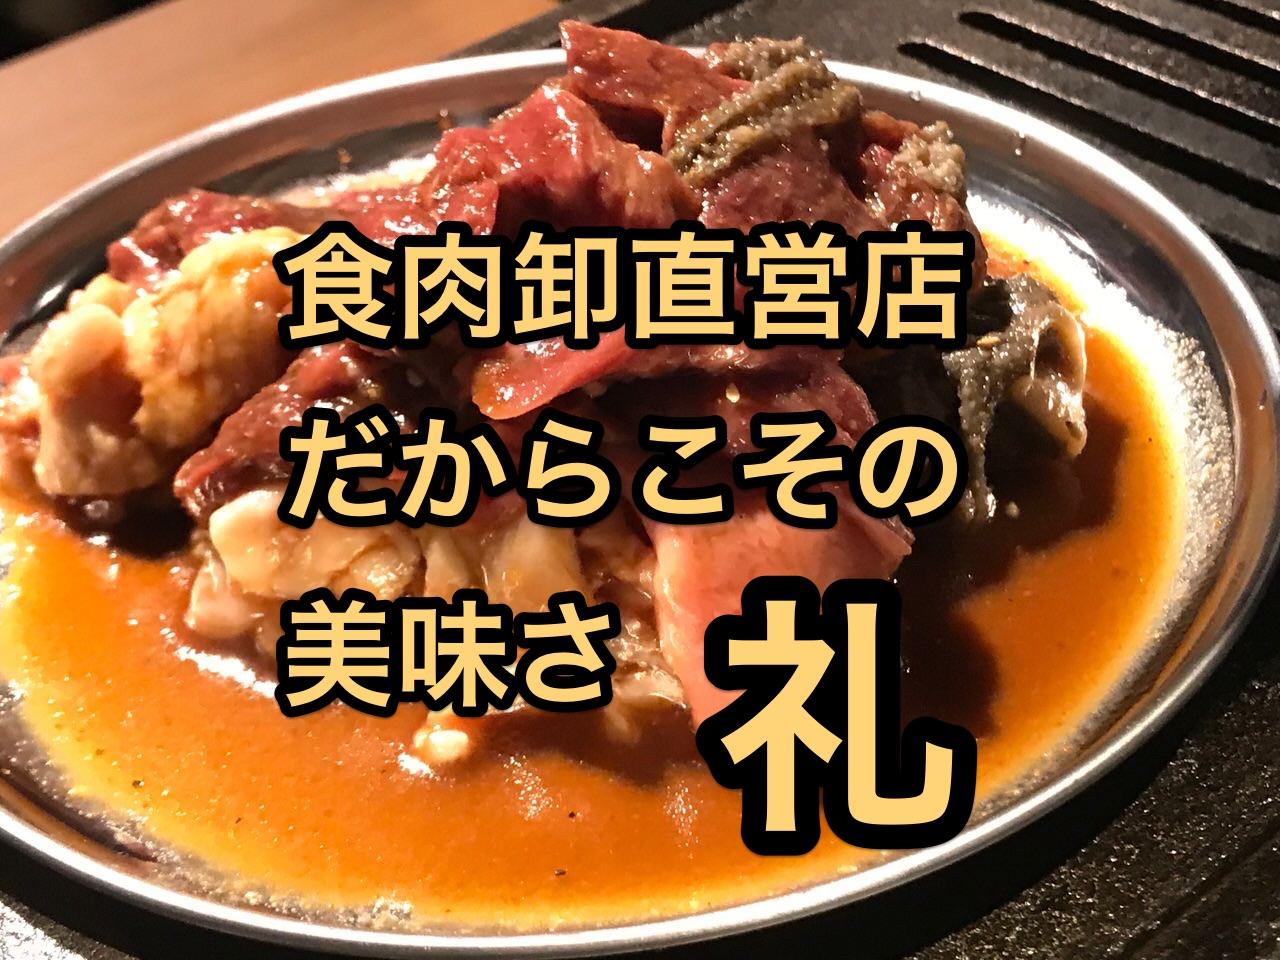 「ホルモン焼 礼(れい)」新鮮な牛豚ホルモンが美味すぎる食肉卸の直営店